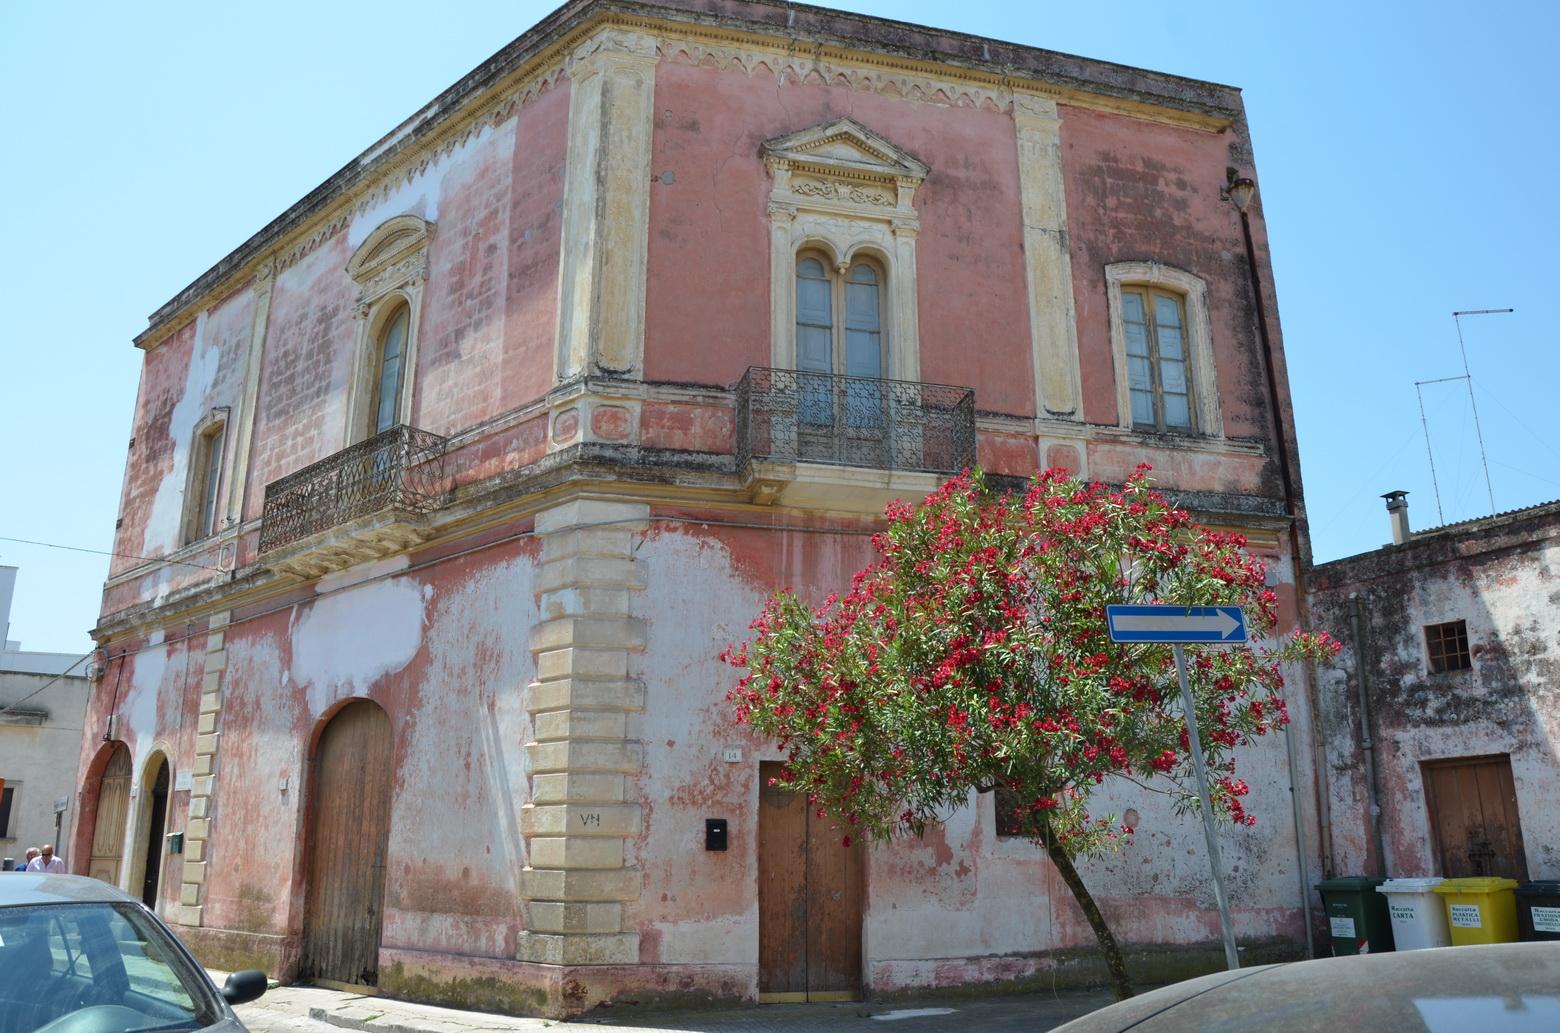 Palazzotto dell'800 Squinzano rif.186